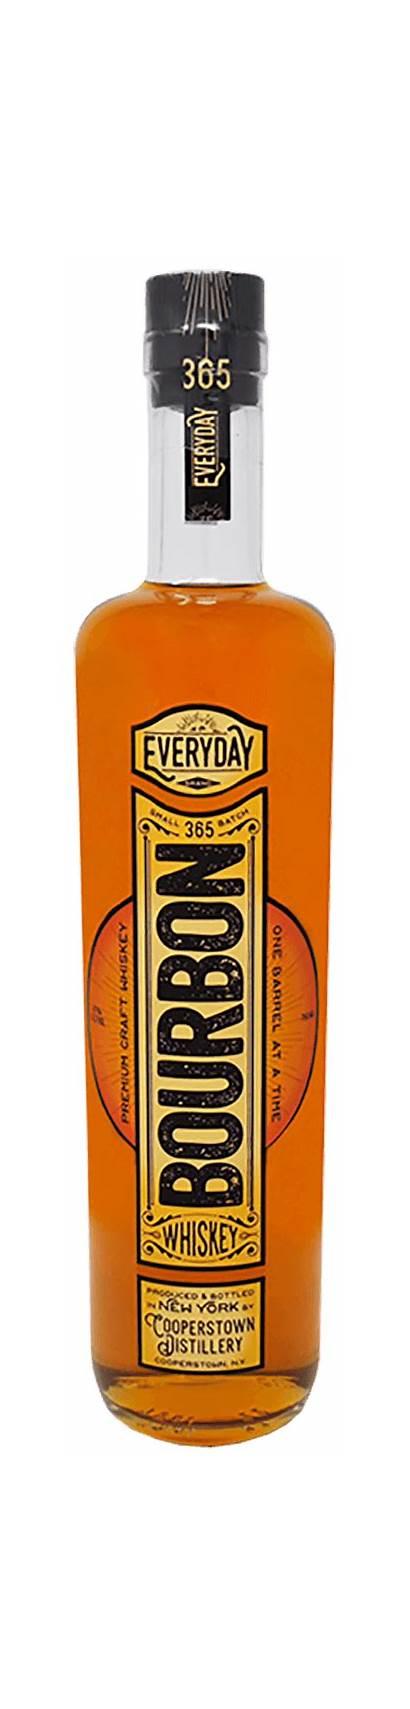 Cooperstown Bourbon Distillery Everyday 750ml Releases Liquor